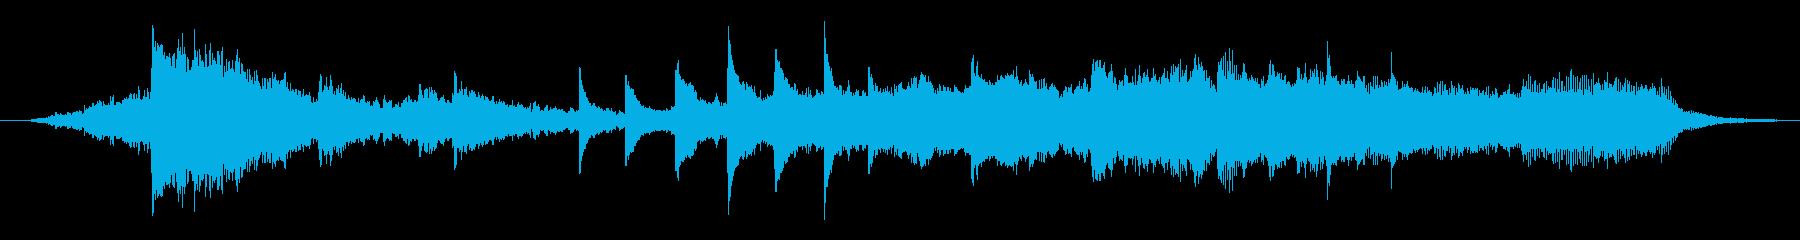 映像用BGM_ショッキングから幸せに 2の再生済みの波形